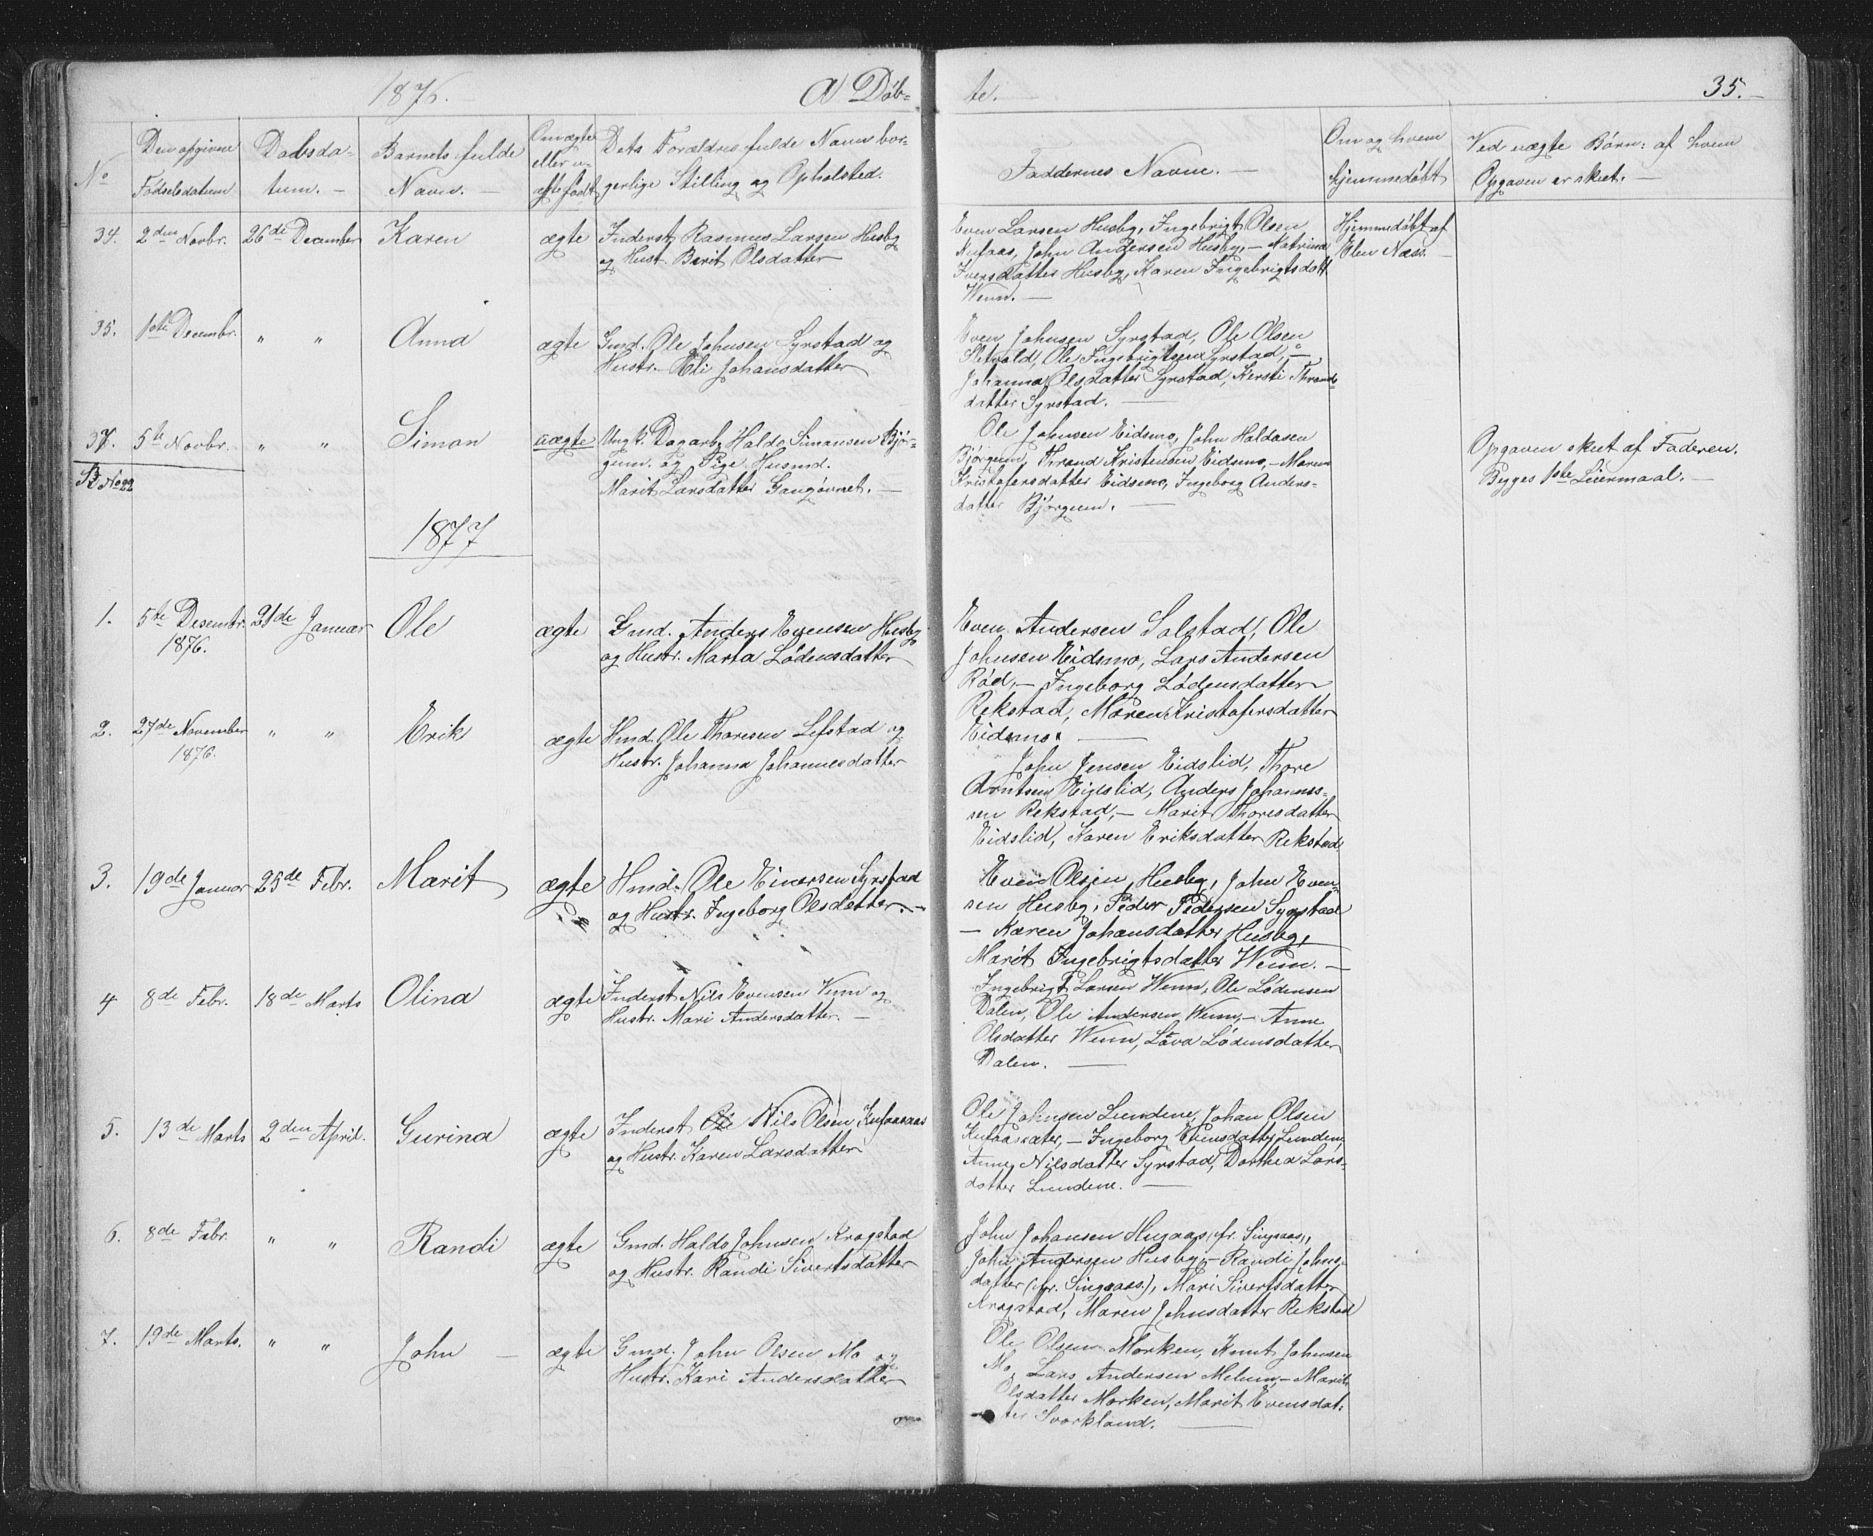 SAT, Ministerialprotokoller, klokkerbøker og fødselsregistre - Sør-Trøndelag, 667/L0798: Klokkerbok nr. 667C03, 1867-1929, s. 35